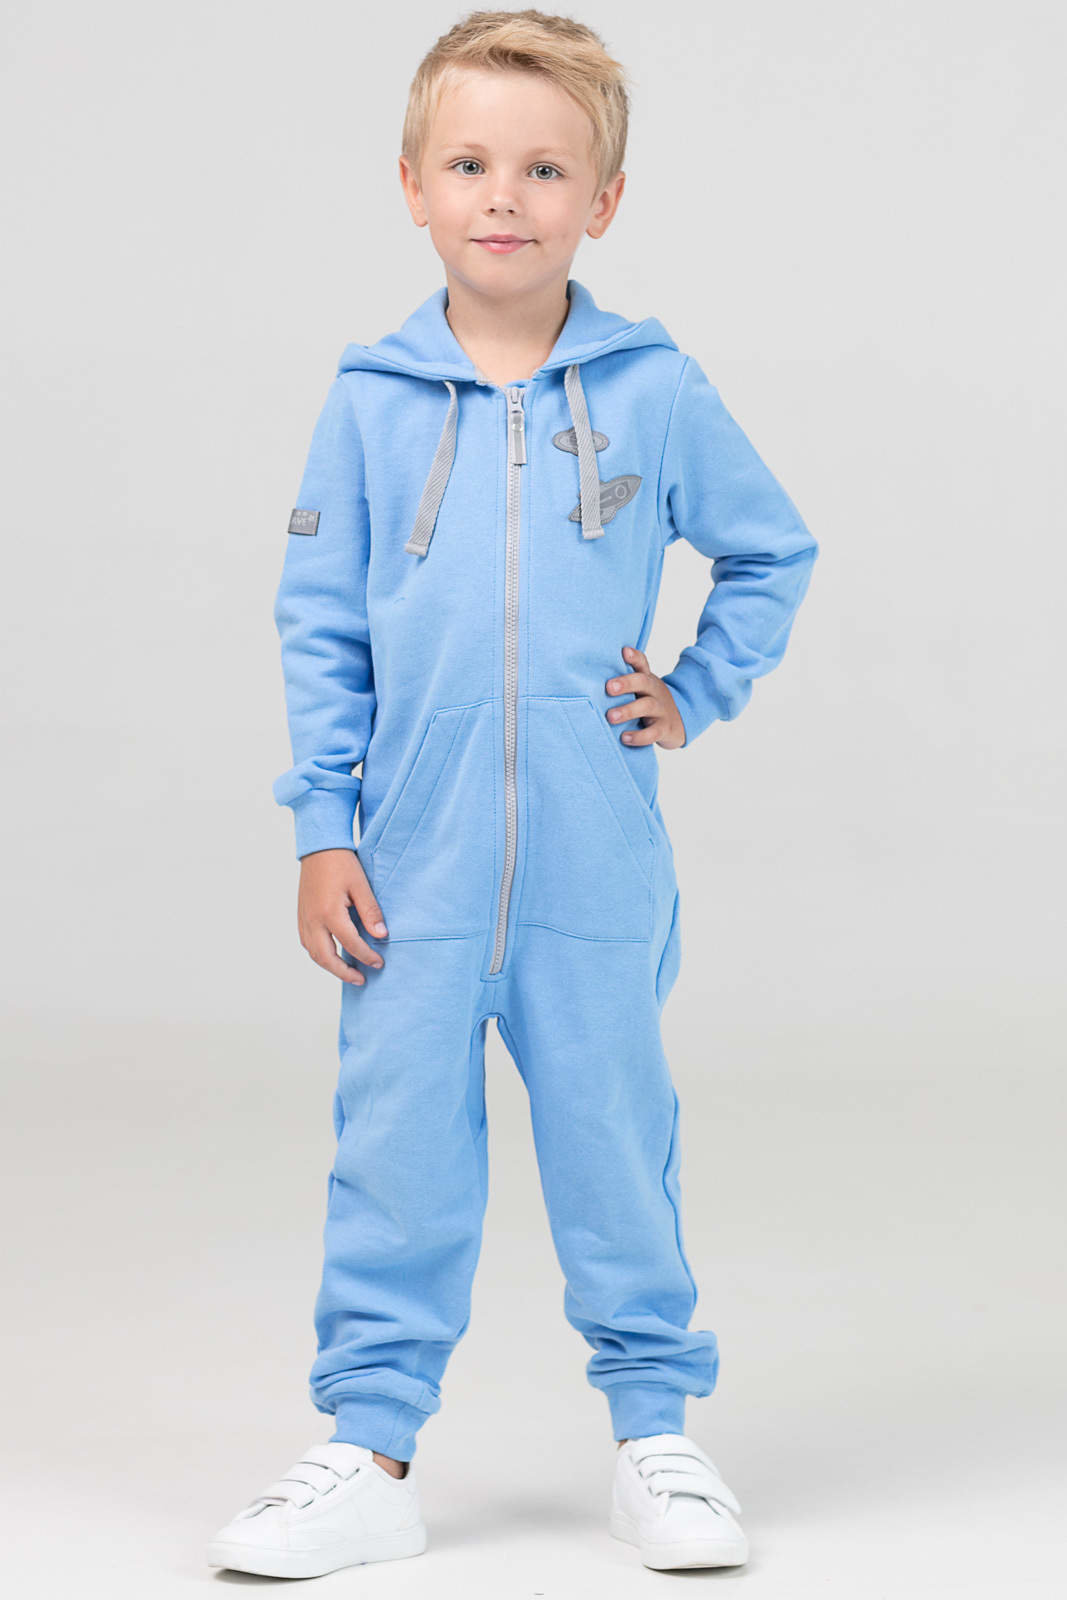 Купить Комбинезон детский The Cave Ready голубой 500104 р.116, Повседневные комбинезоны для девочек